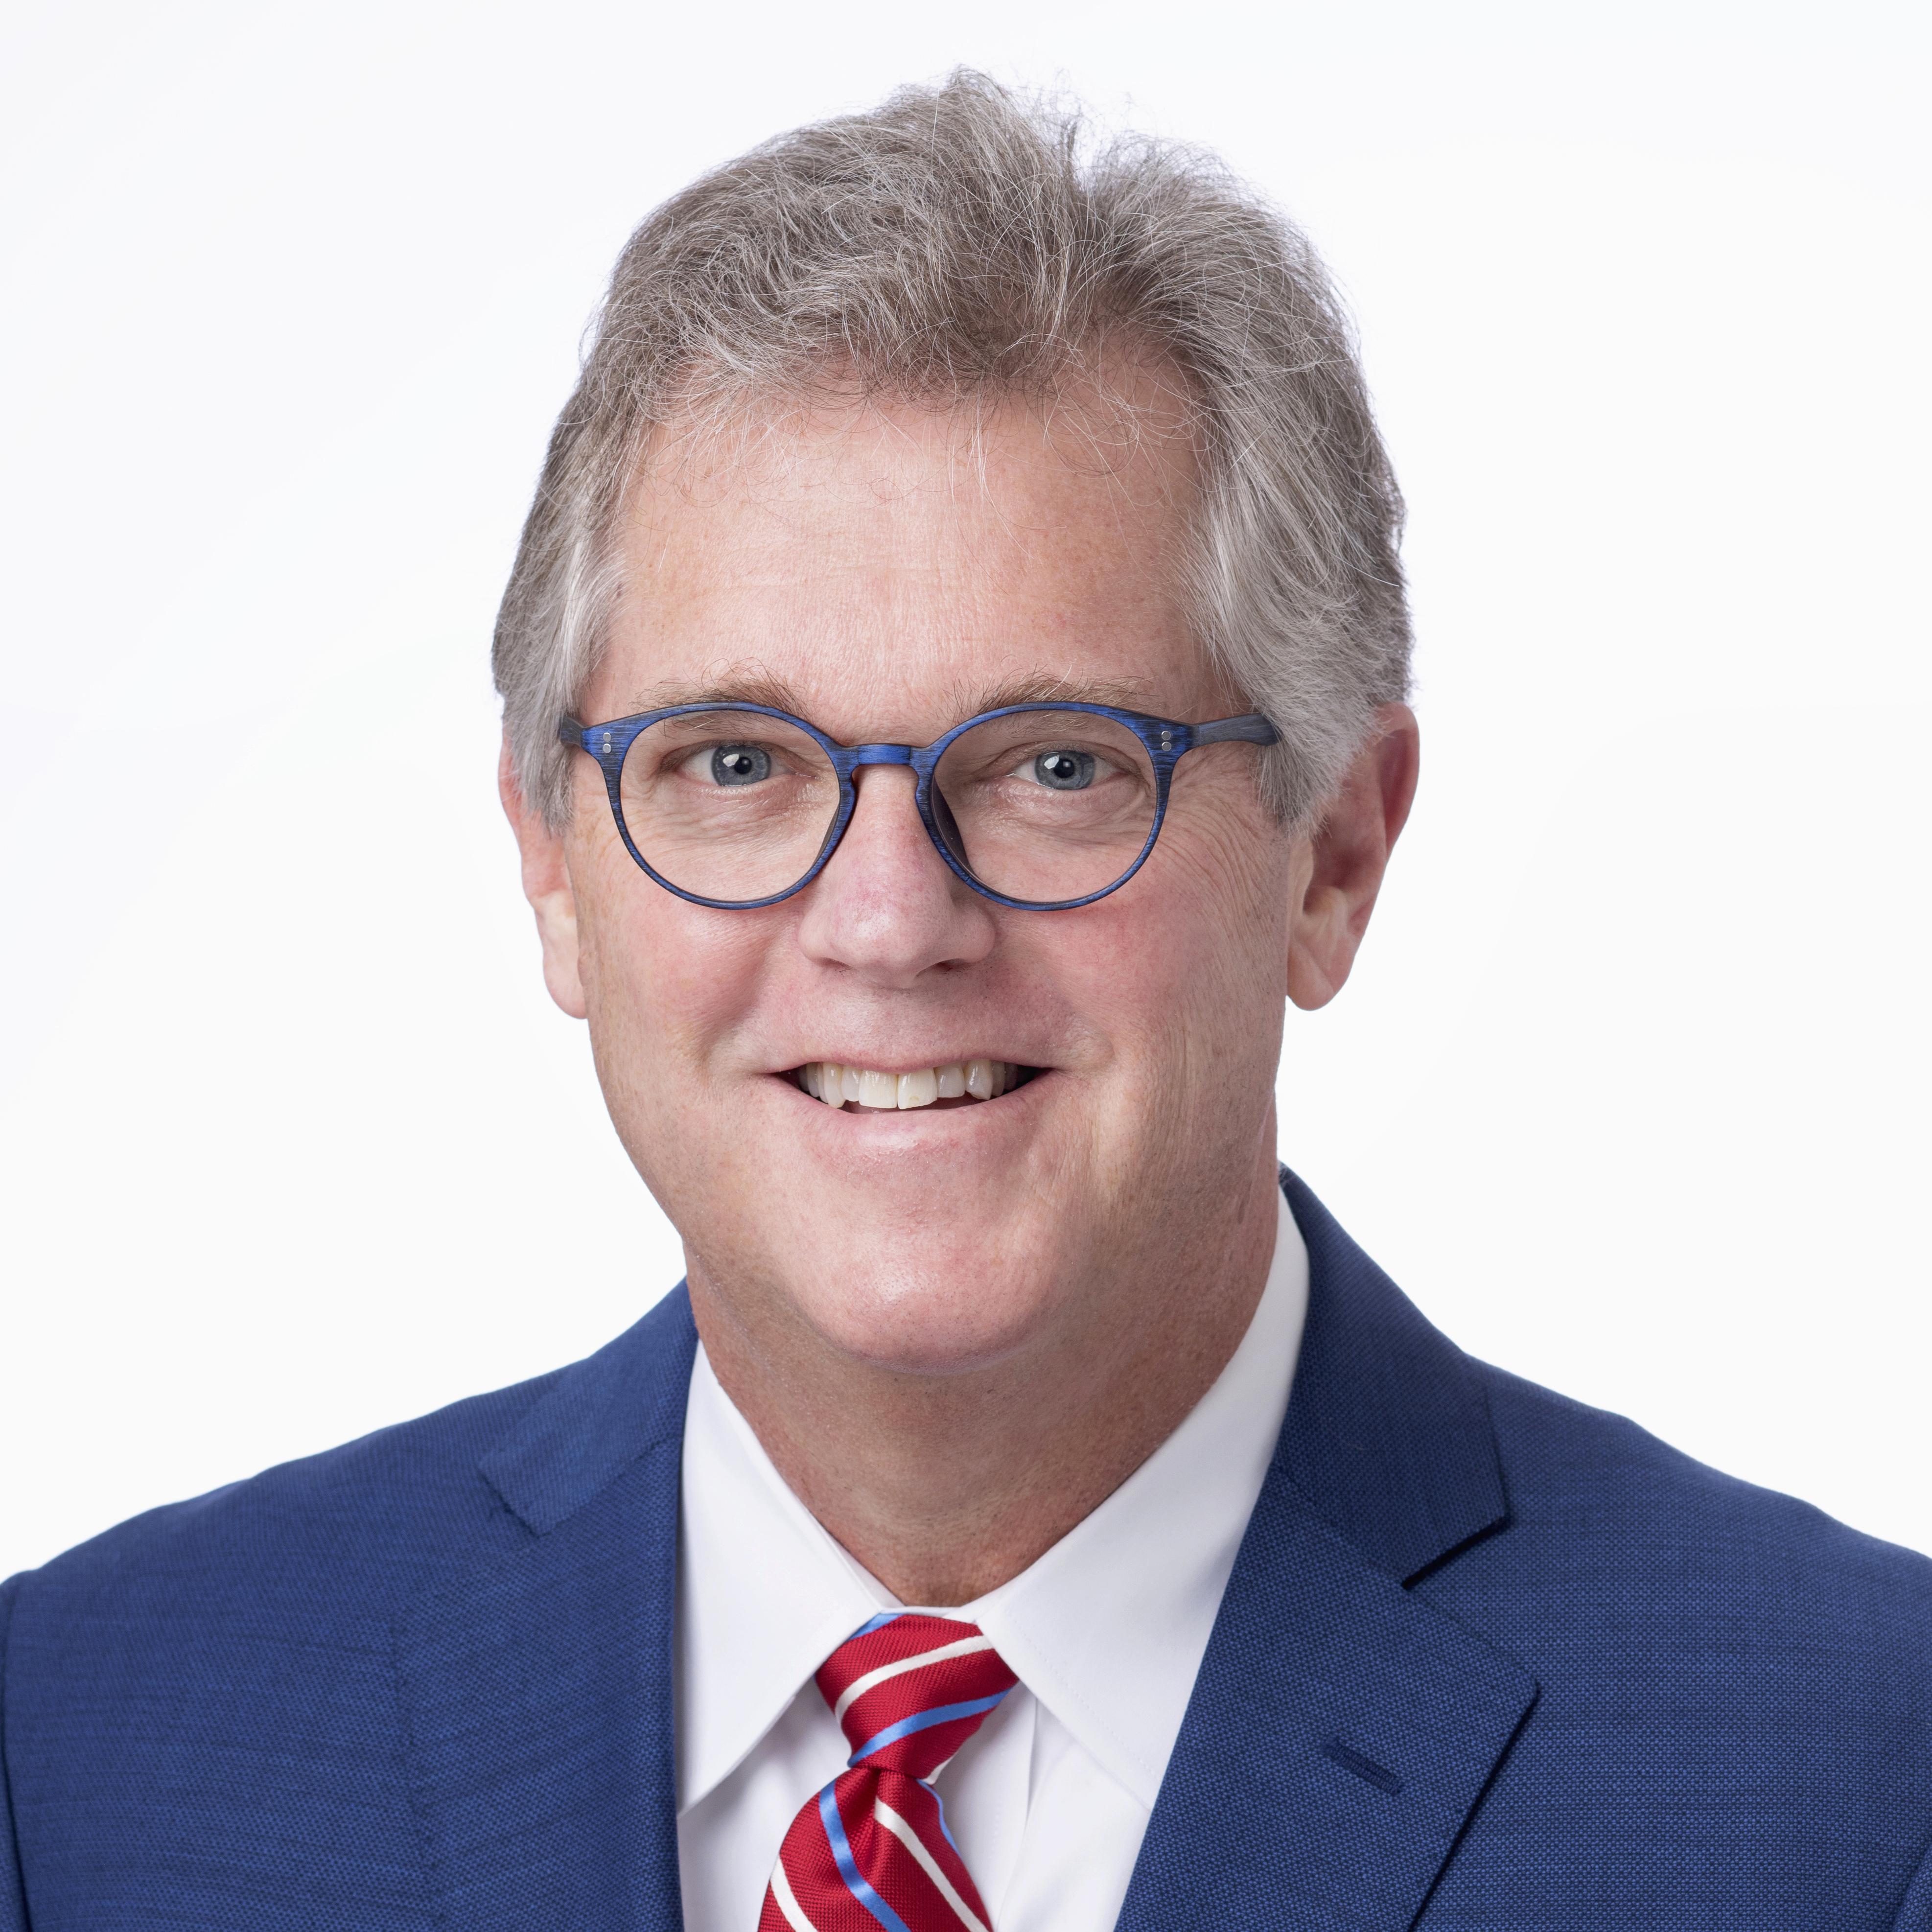 Owen Raun